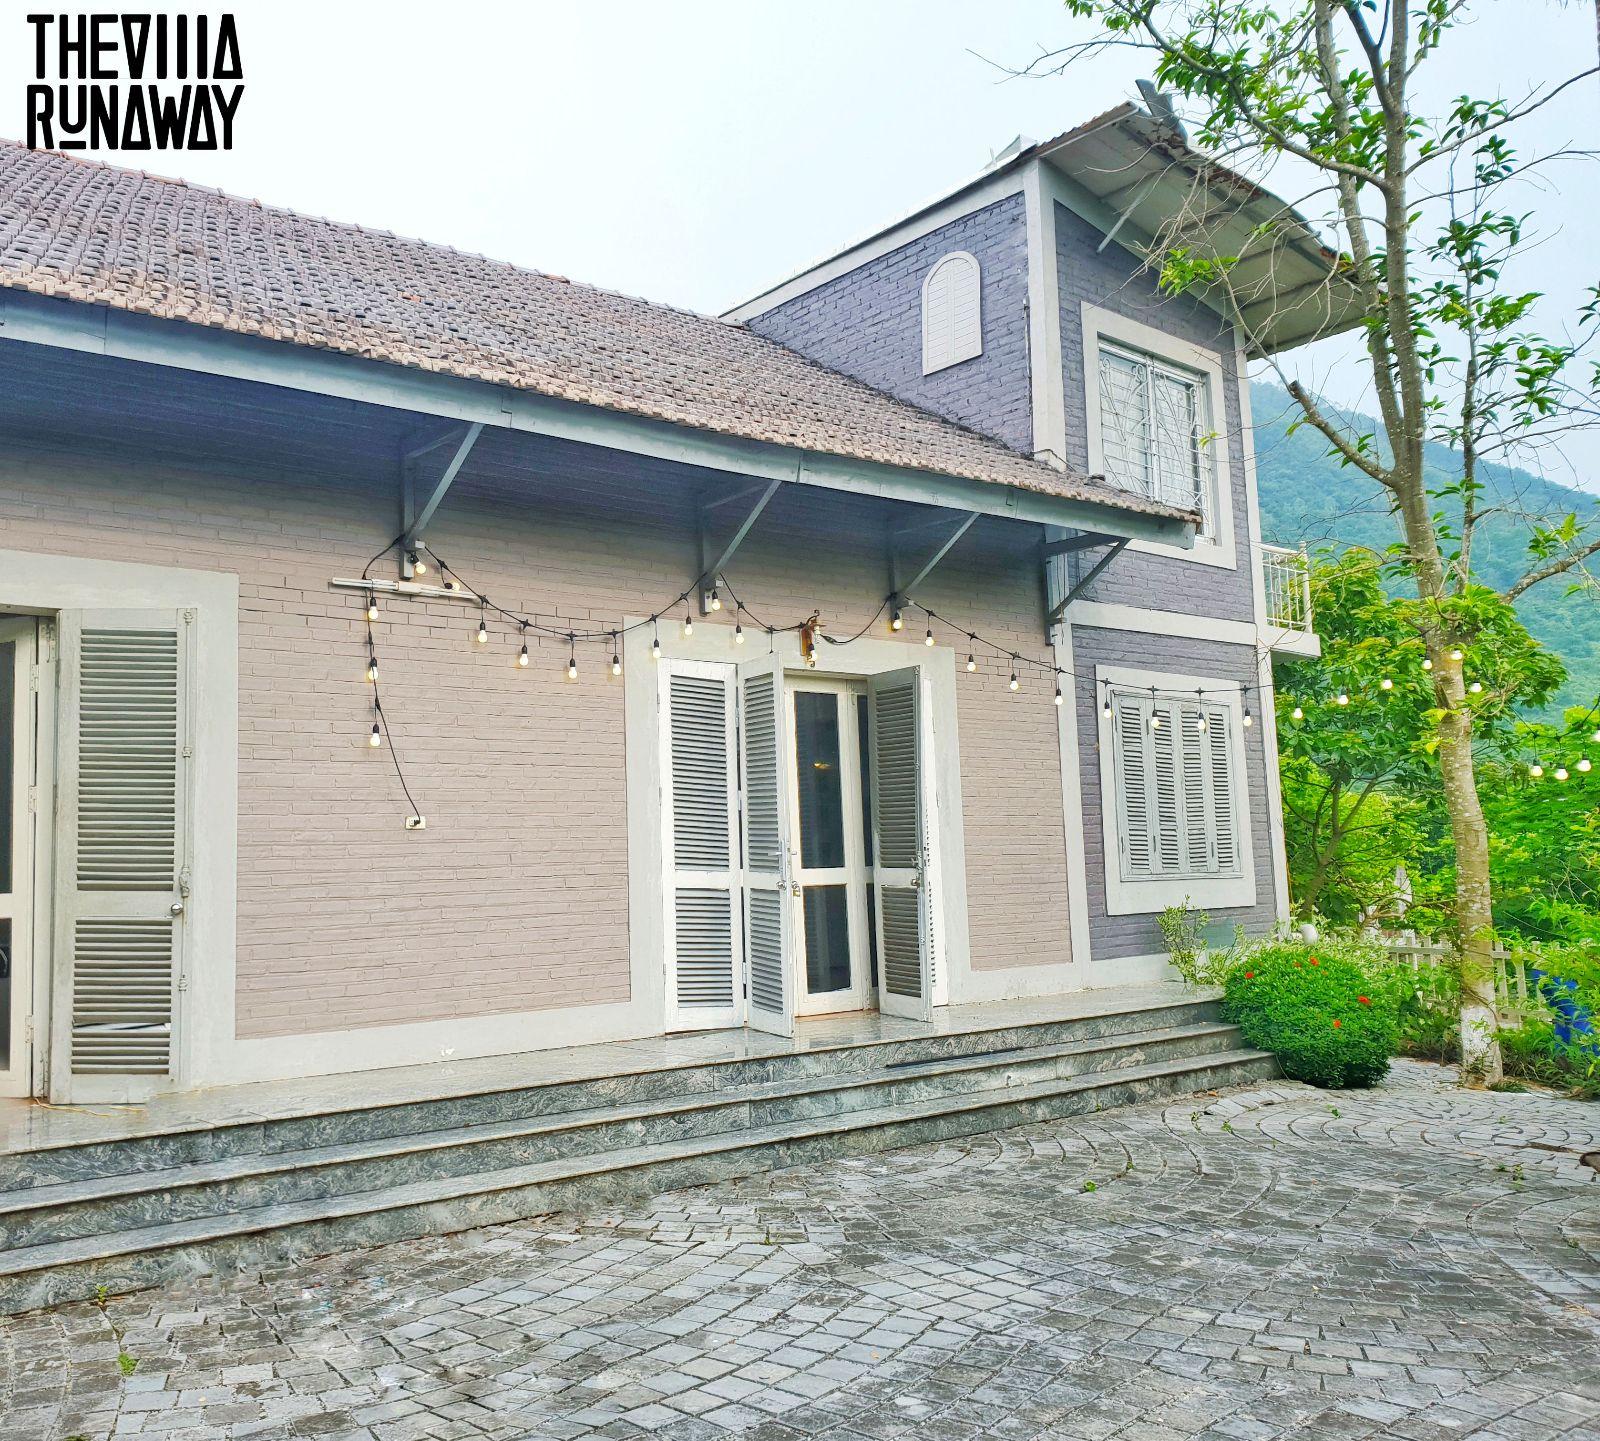 Kiến trúc đẹp như trời Âu - villa tại Thạch Thất, Hà Nội